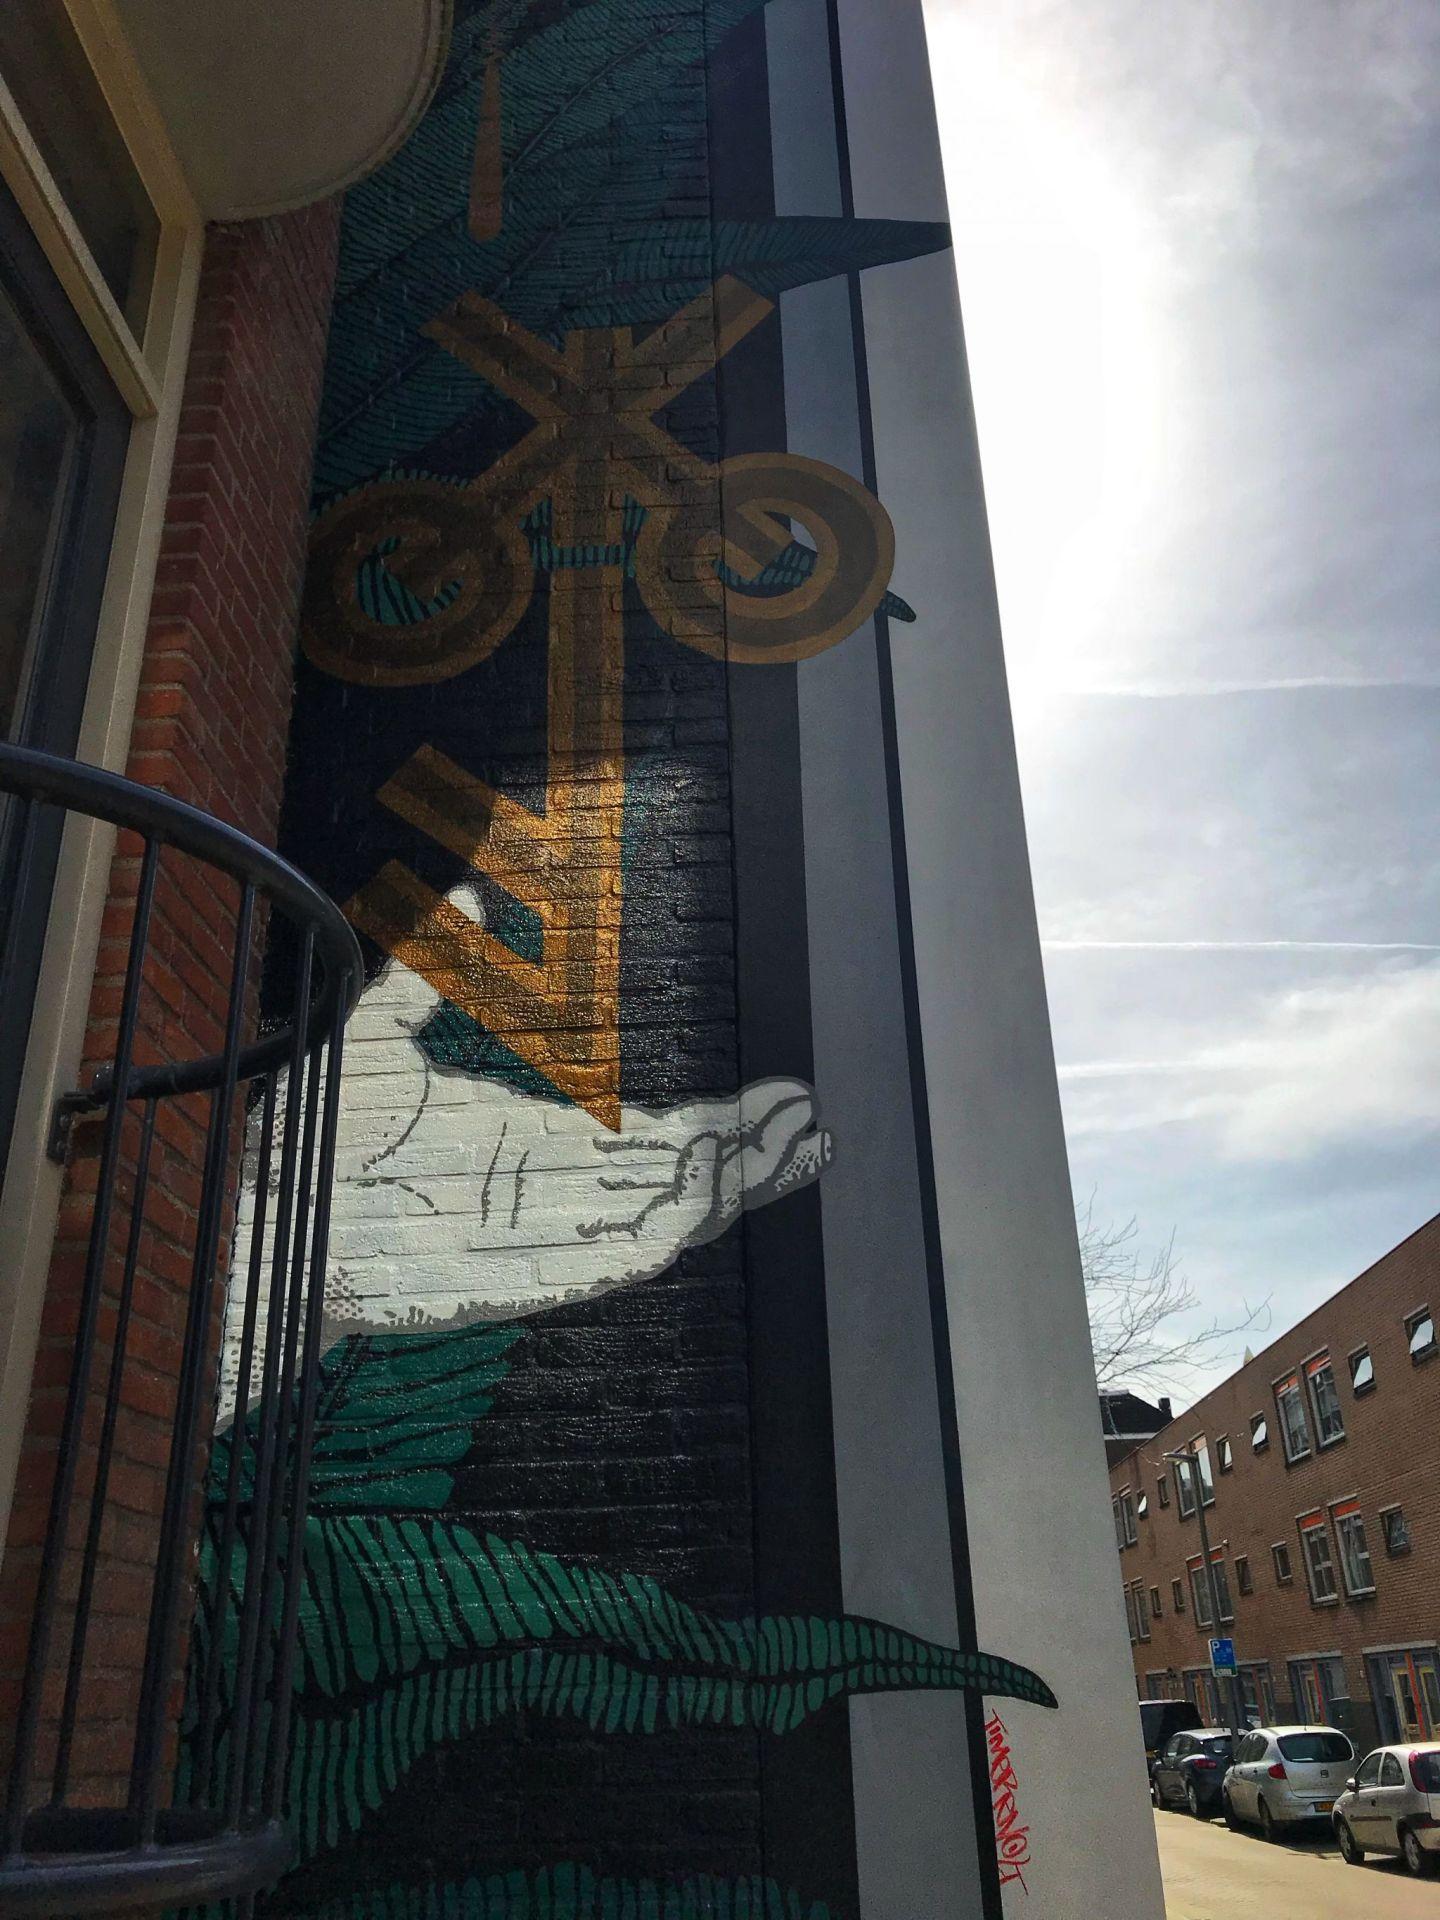 Key street art in Rotterdam